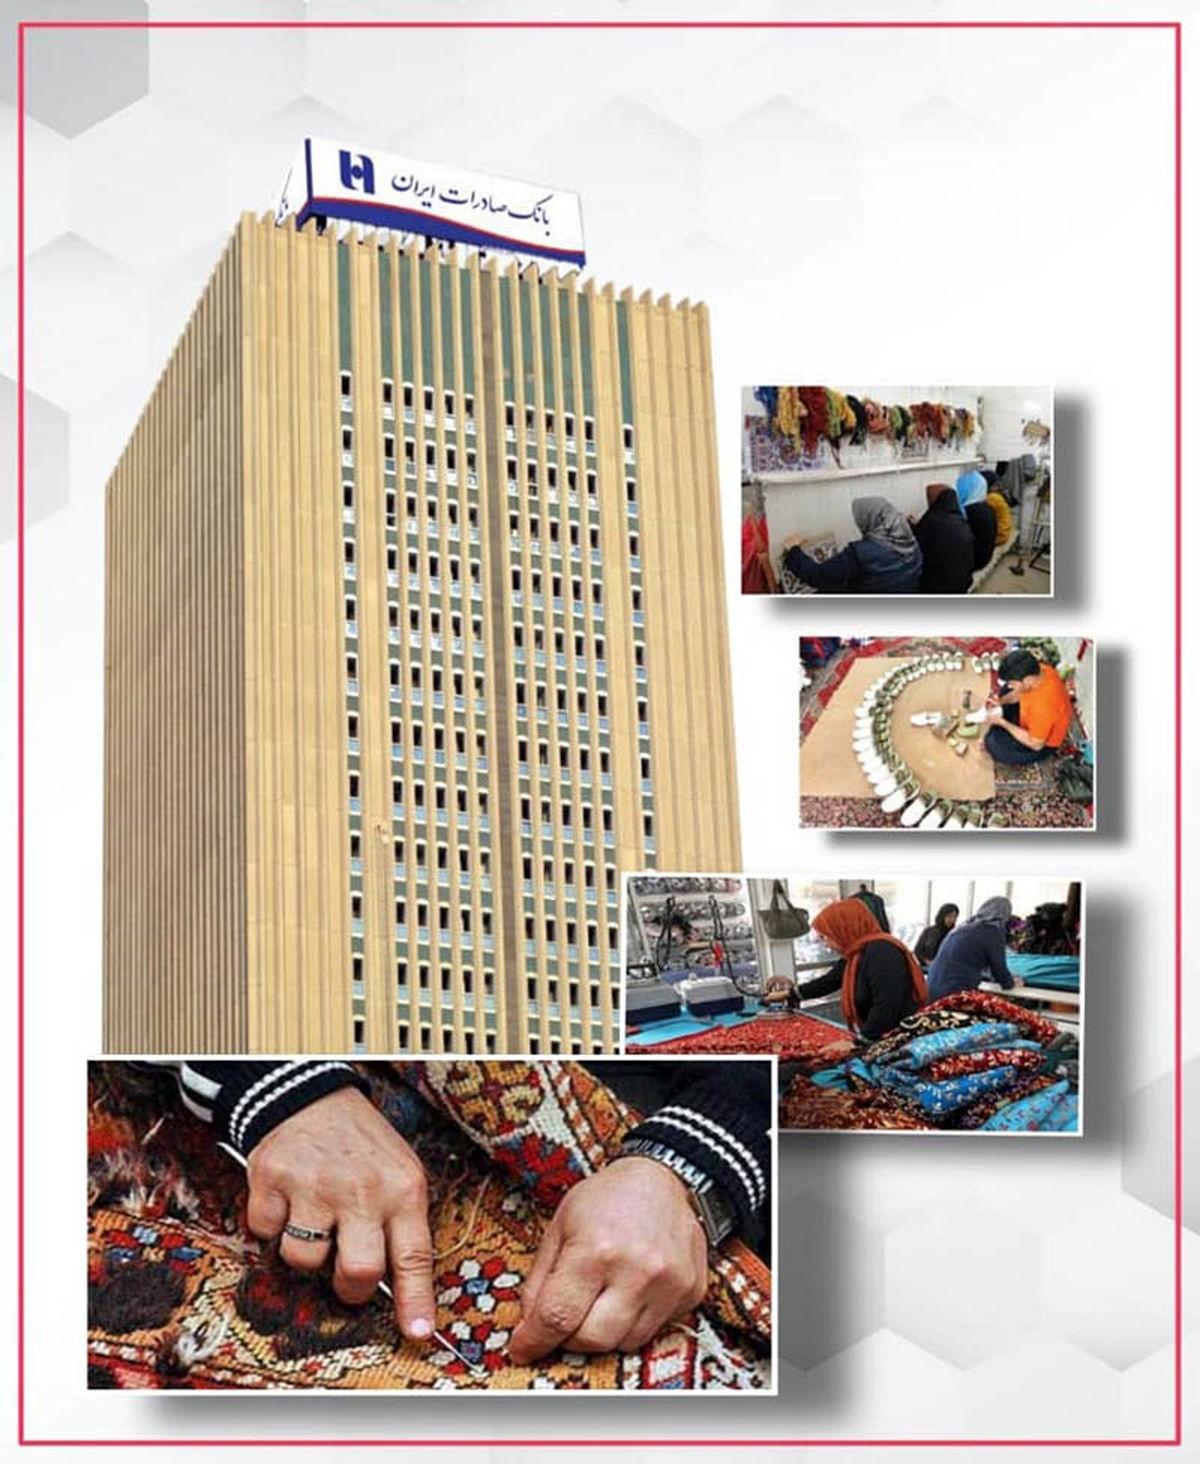 ایجاد هشت هزار شغل خانگی با وام قرضالحسنه بانک صادرات ایران